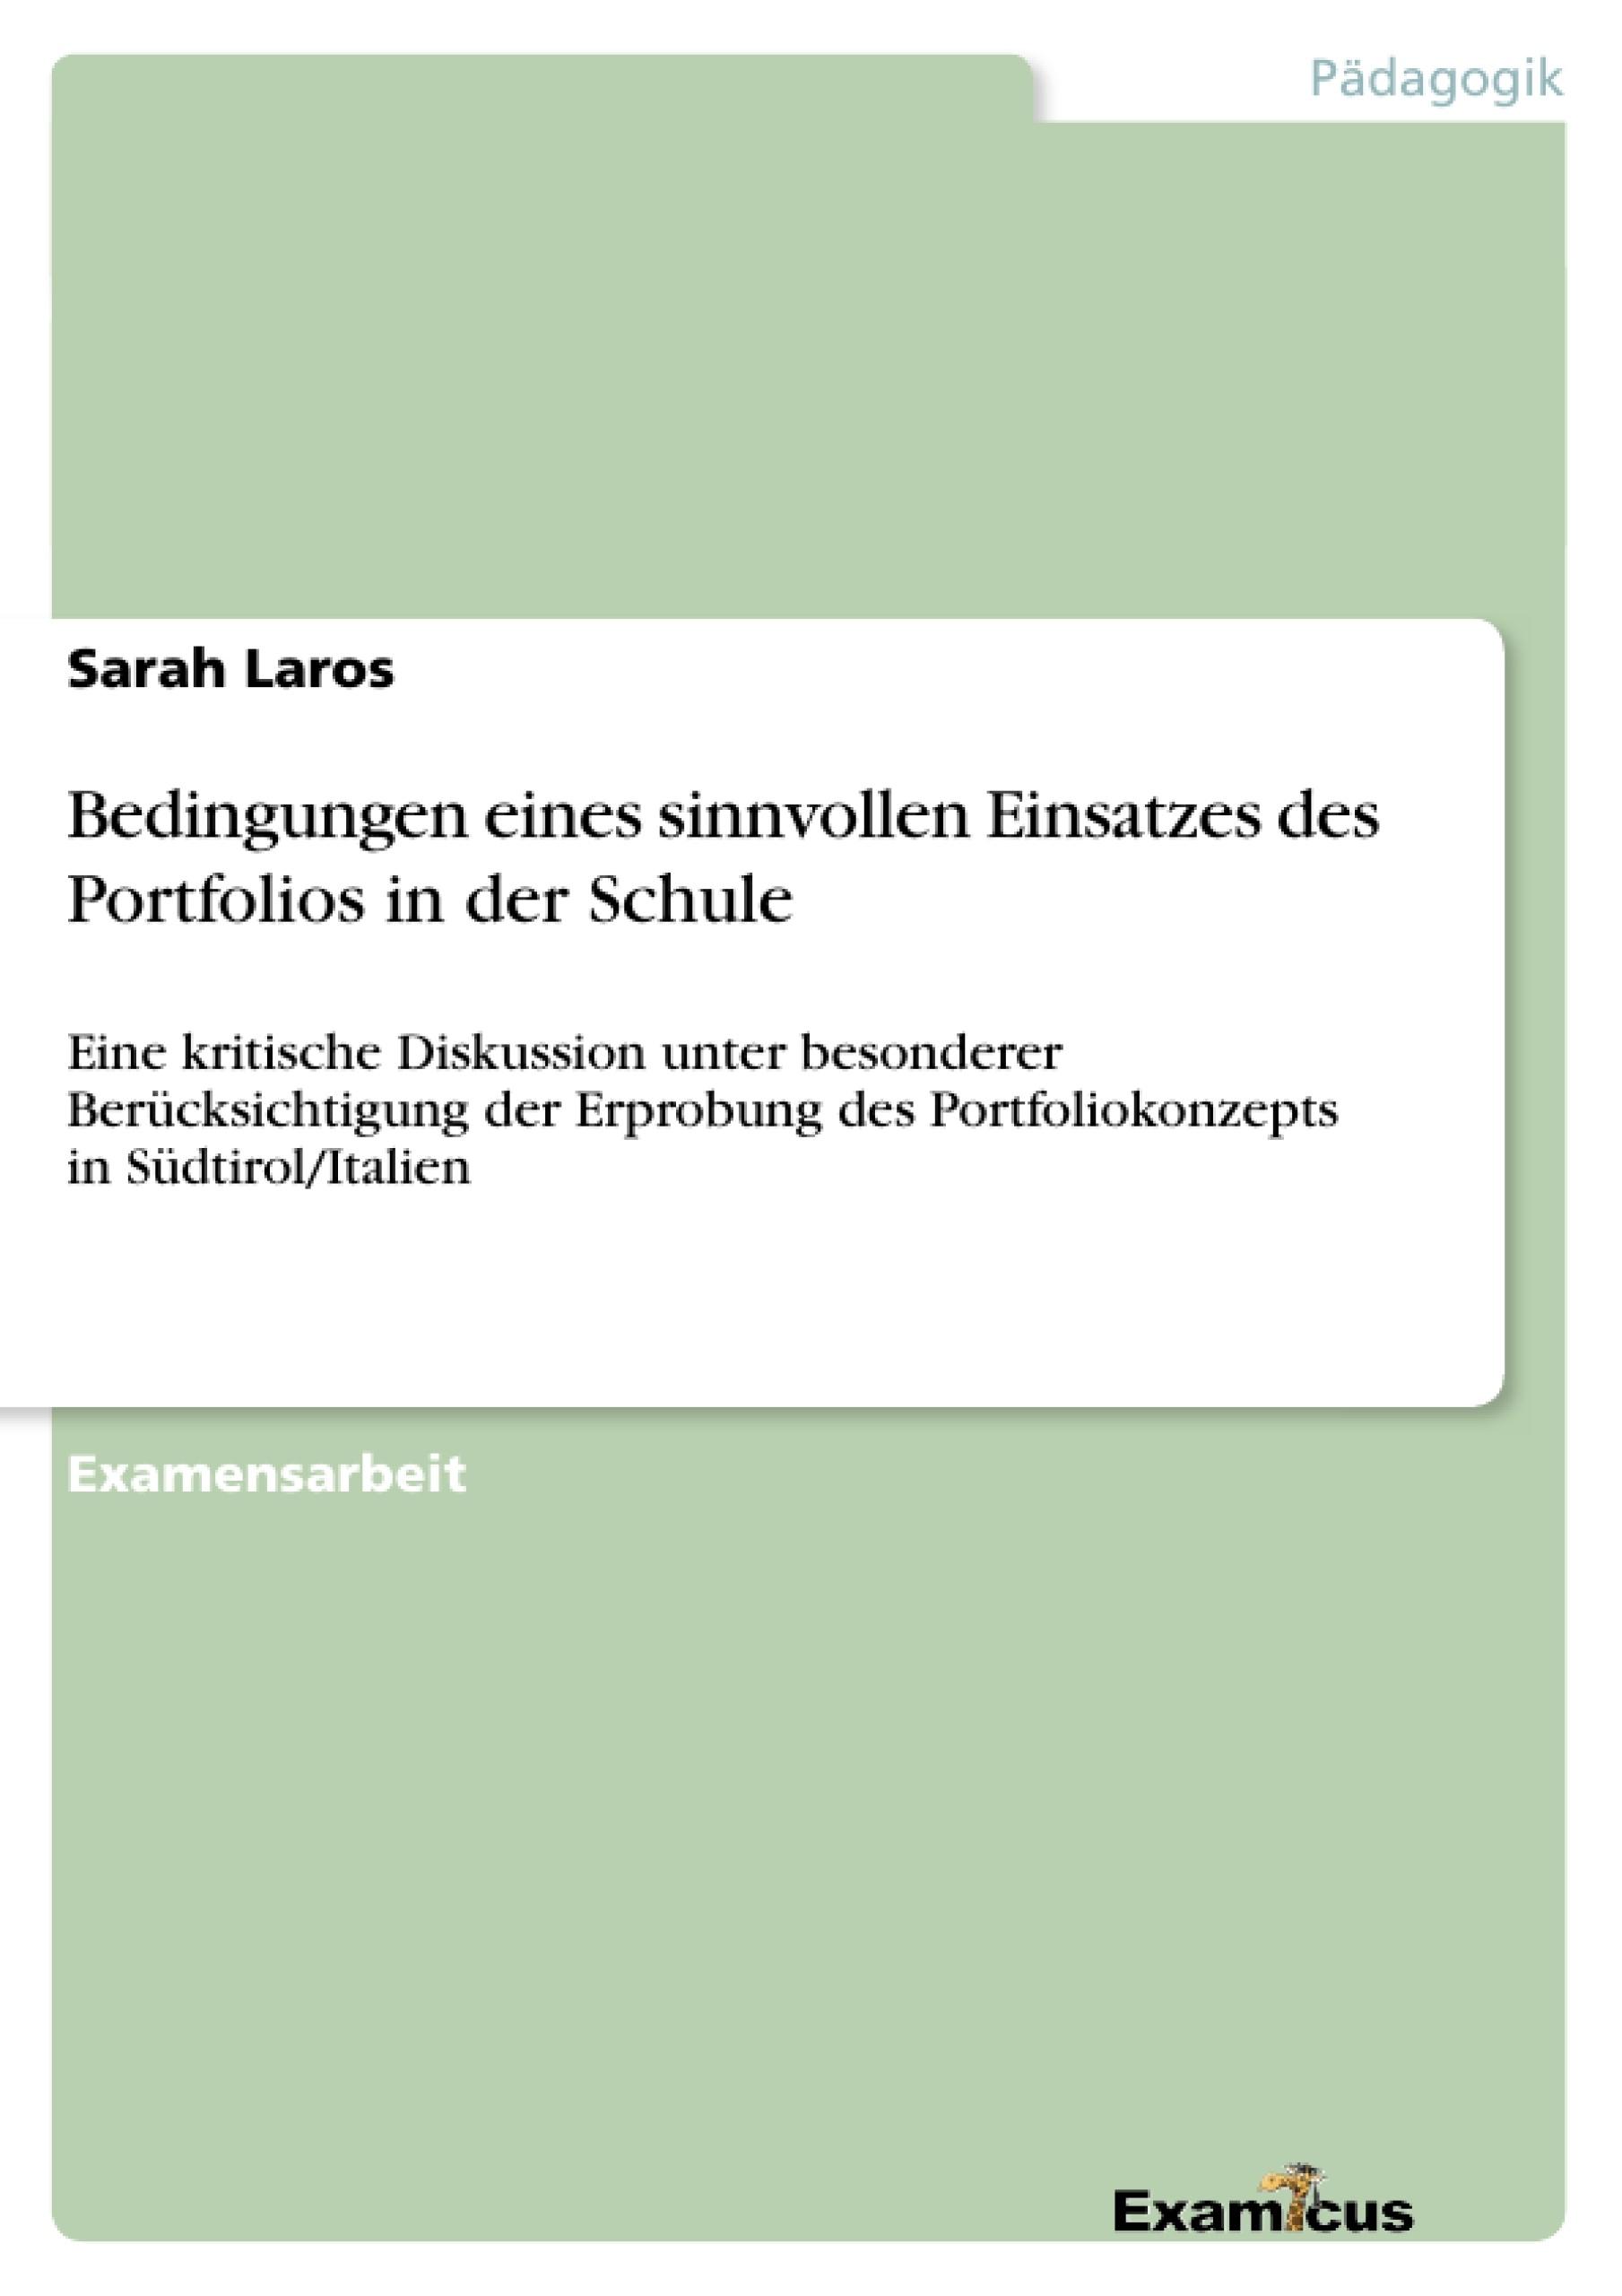 Titel: Bedingungen eines sinnvollen Einsatzes des Portfolios in der Schule